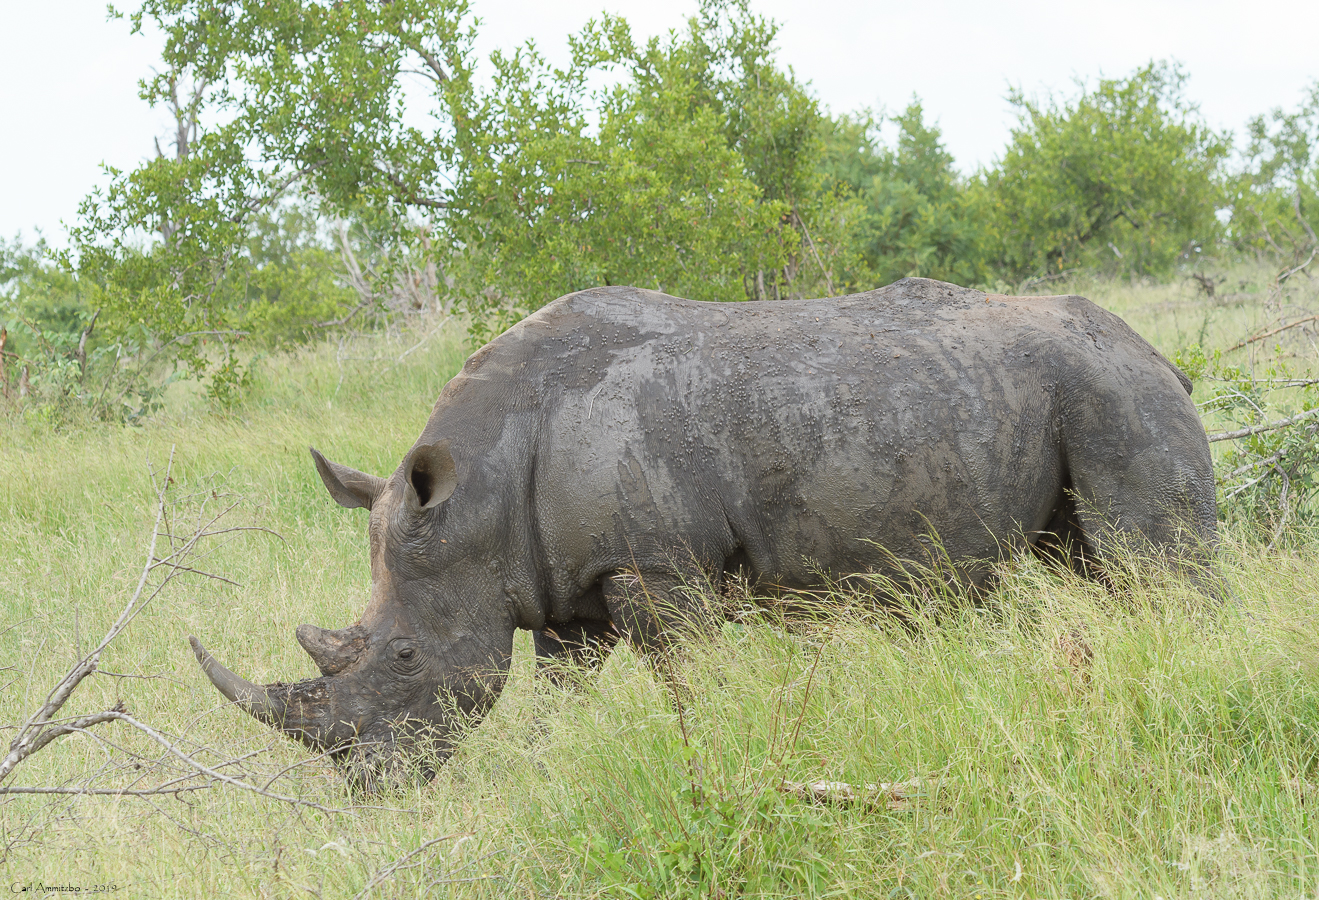 07 - 0221 - Næsehorn - 31 - Kruger